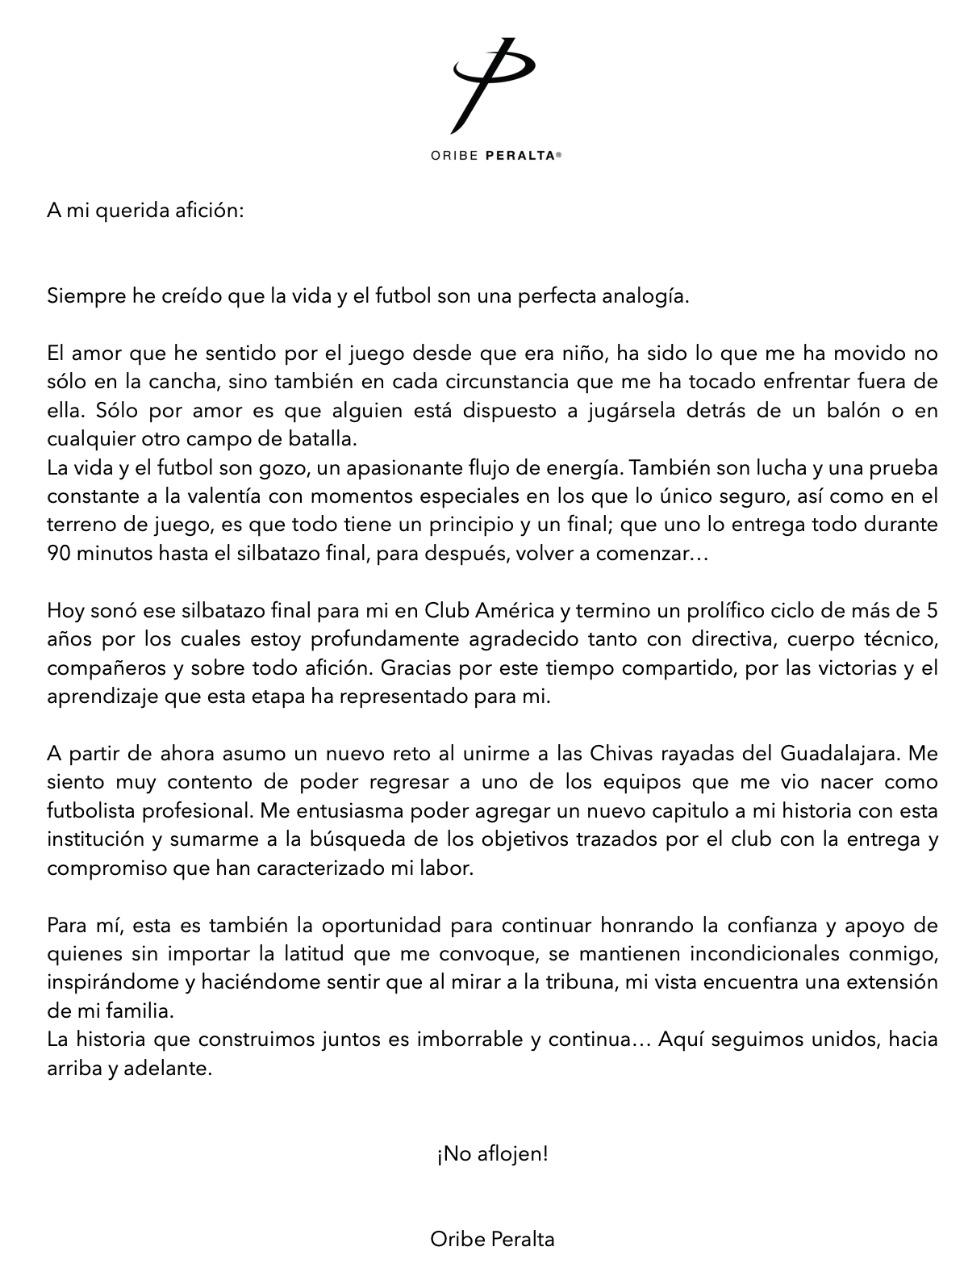 Se vale llorar: La carta de Oribe Peralta a la afición del América